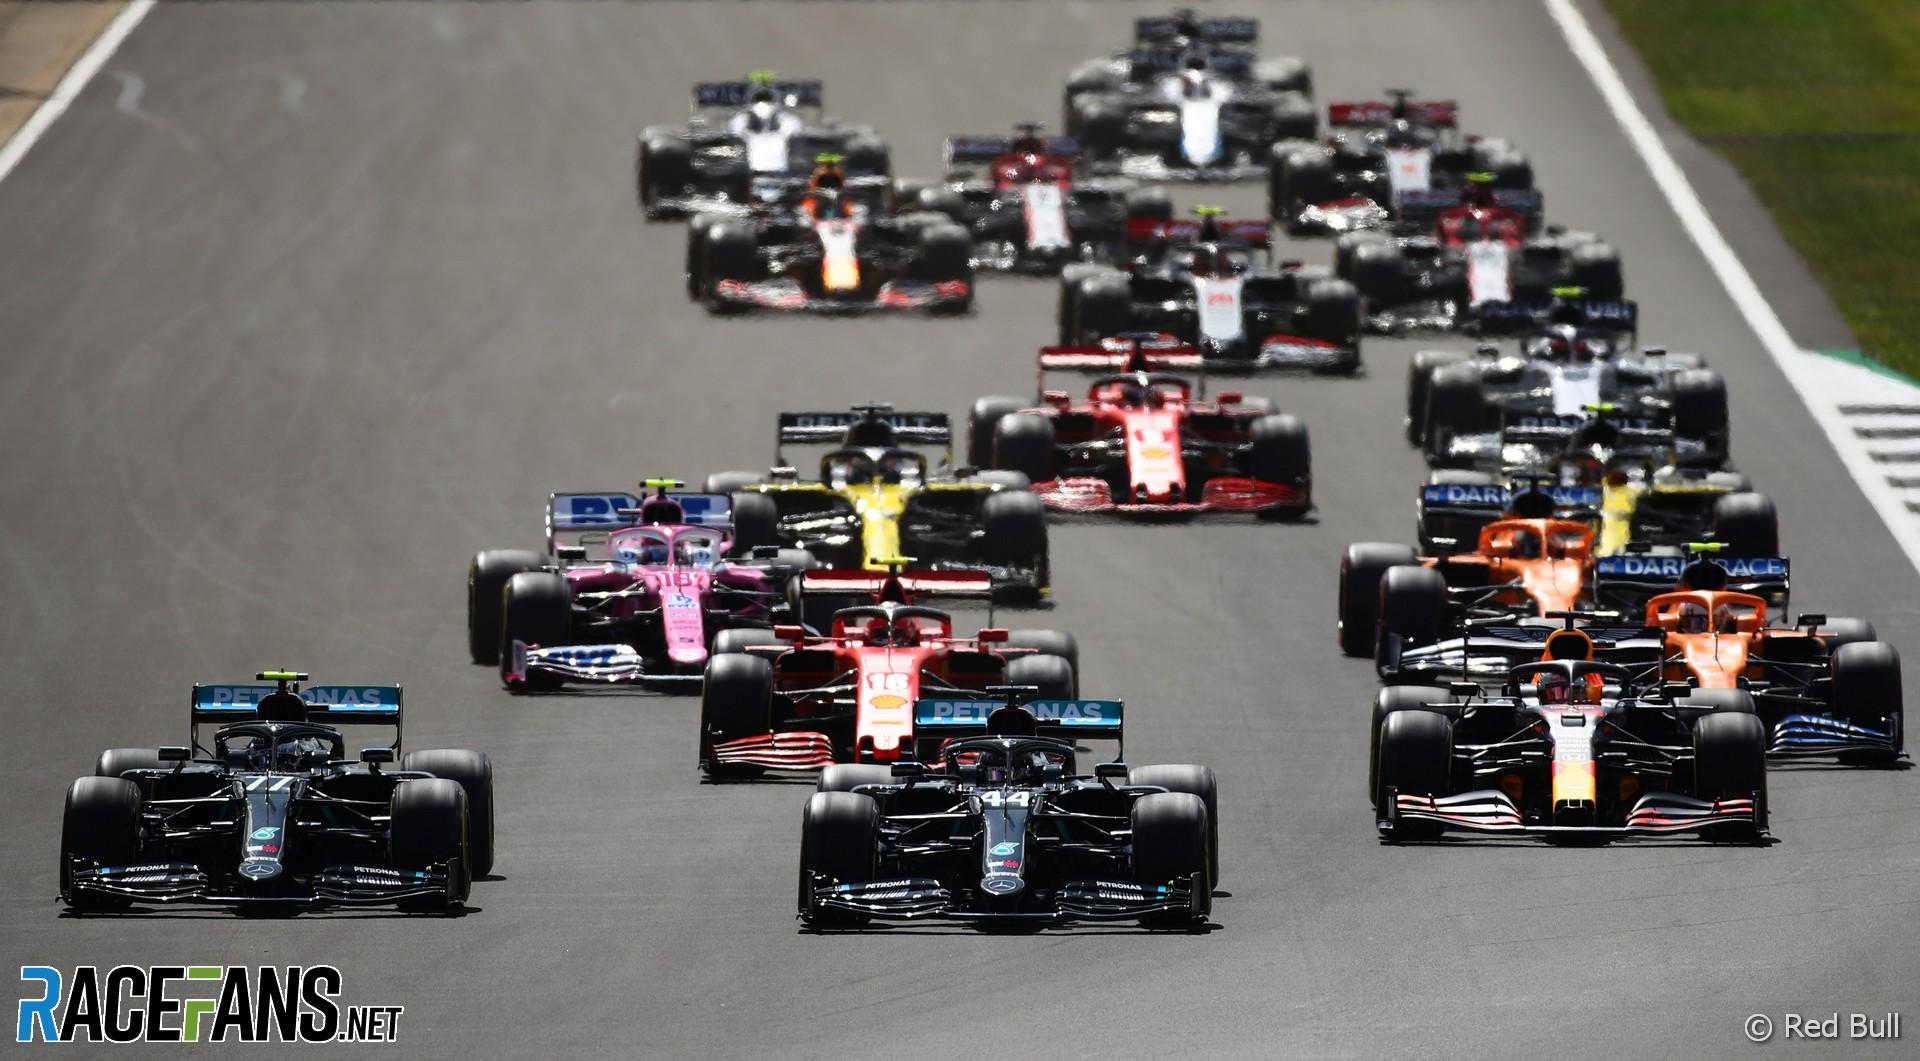 http://www.superf1.be/spip/IMG/jpg/racefansdotnet-2020-08-02-14-13-29-23.jpg